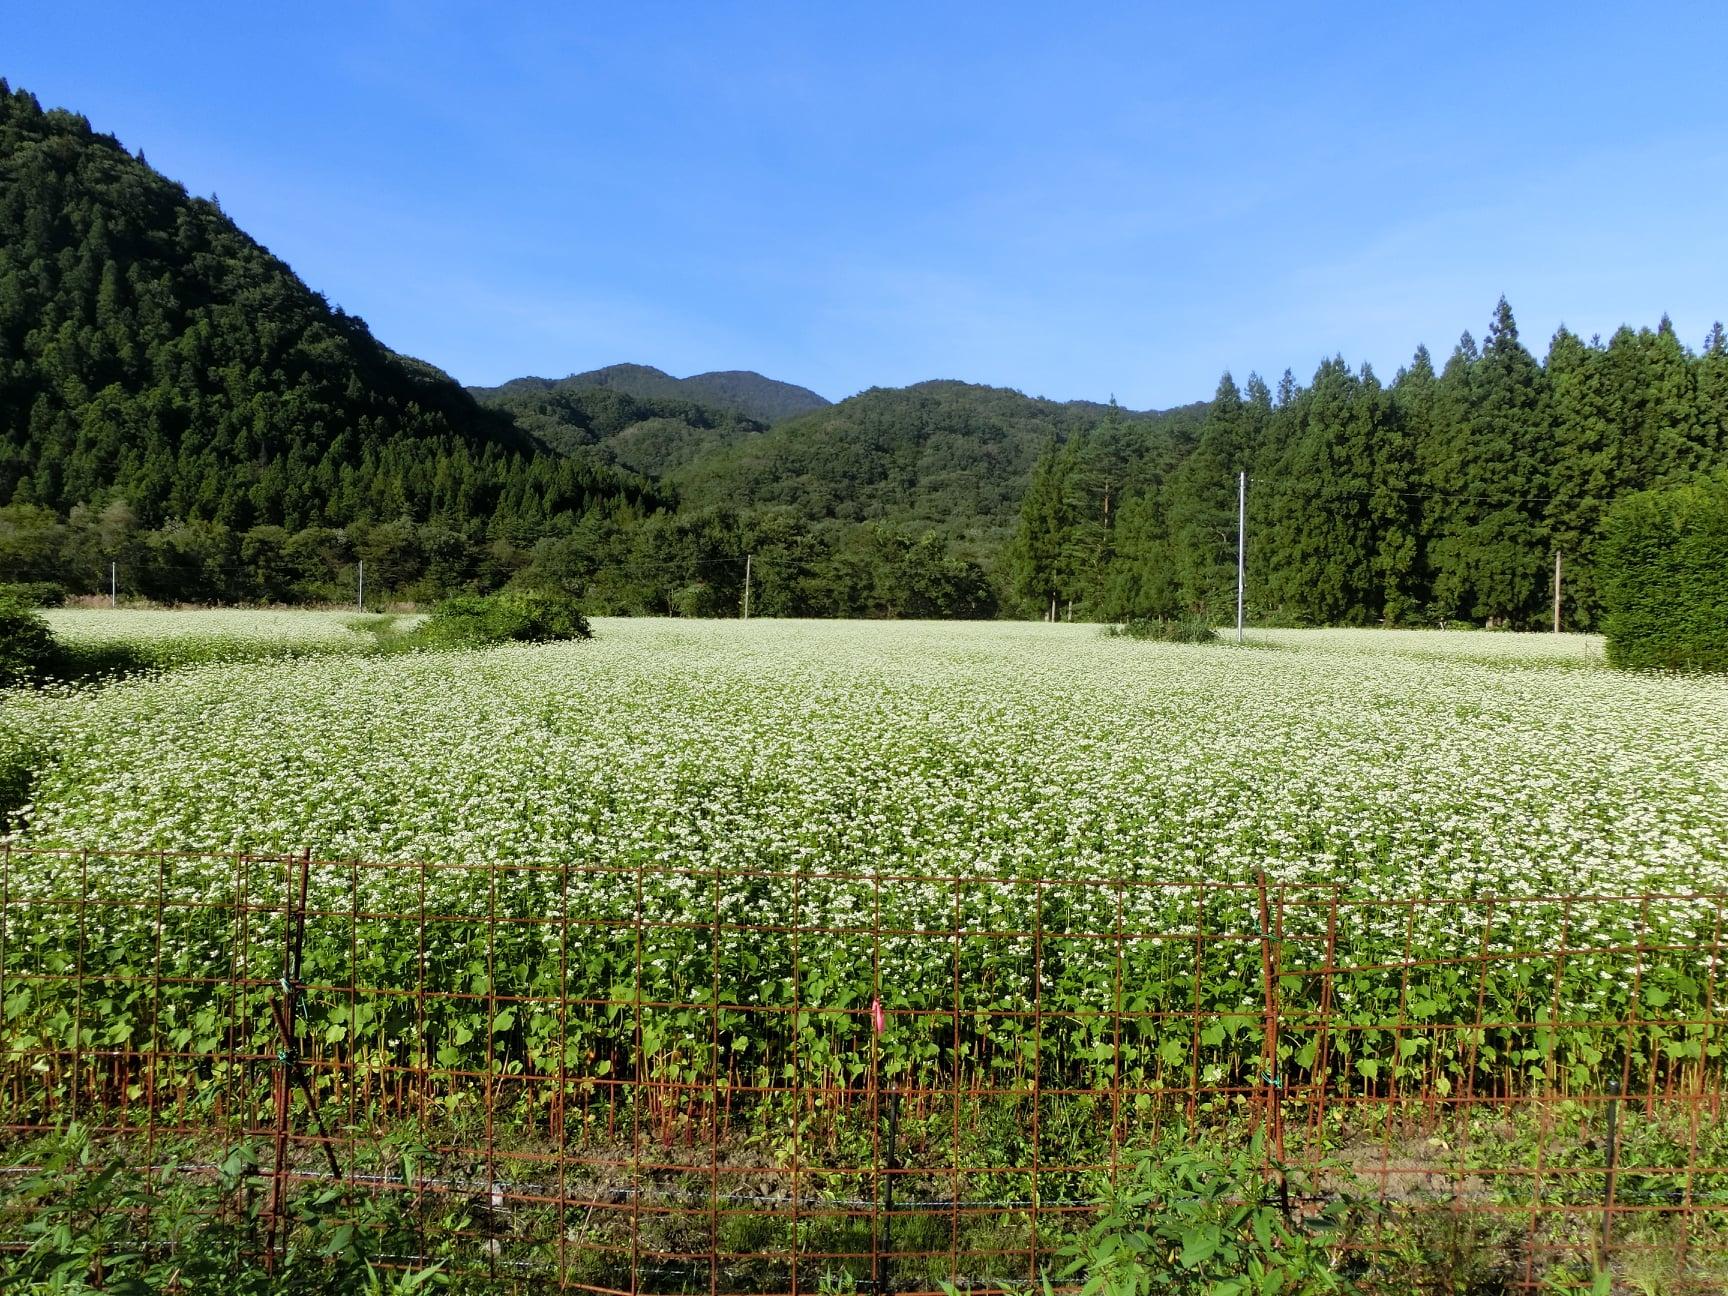 令和3年9月20日敬老の日 秋保町馬場地区に調査に出向きました。